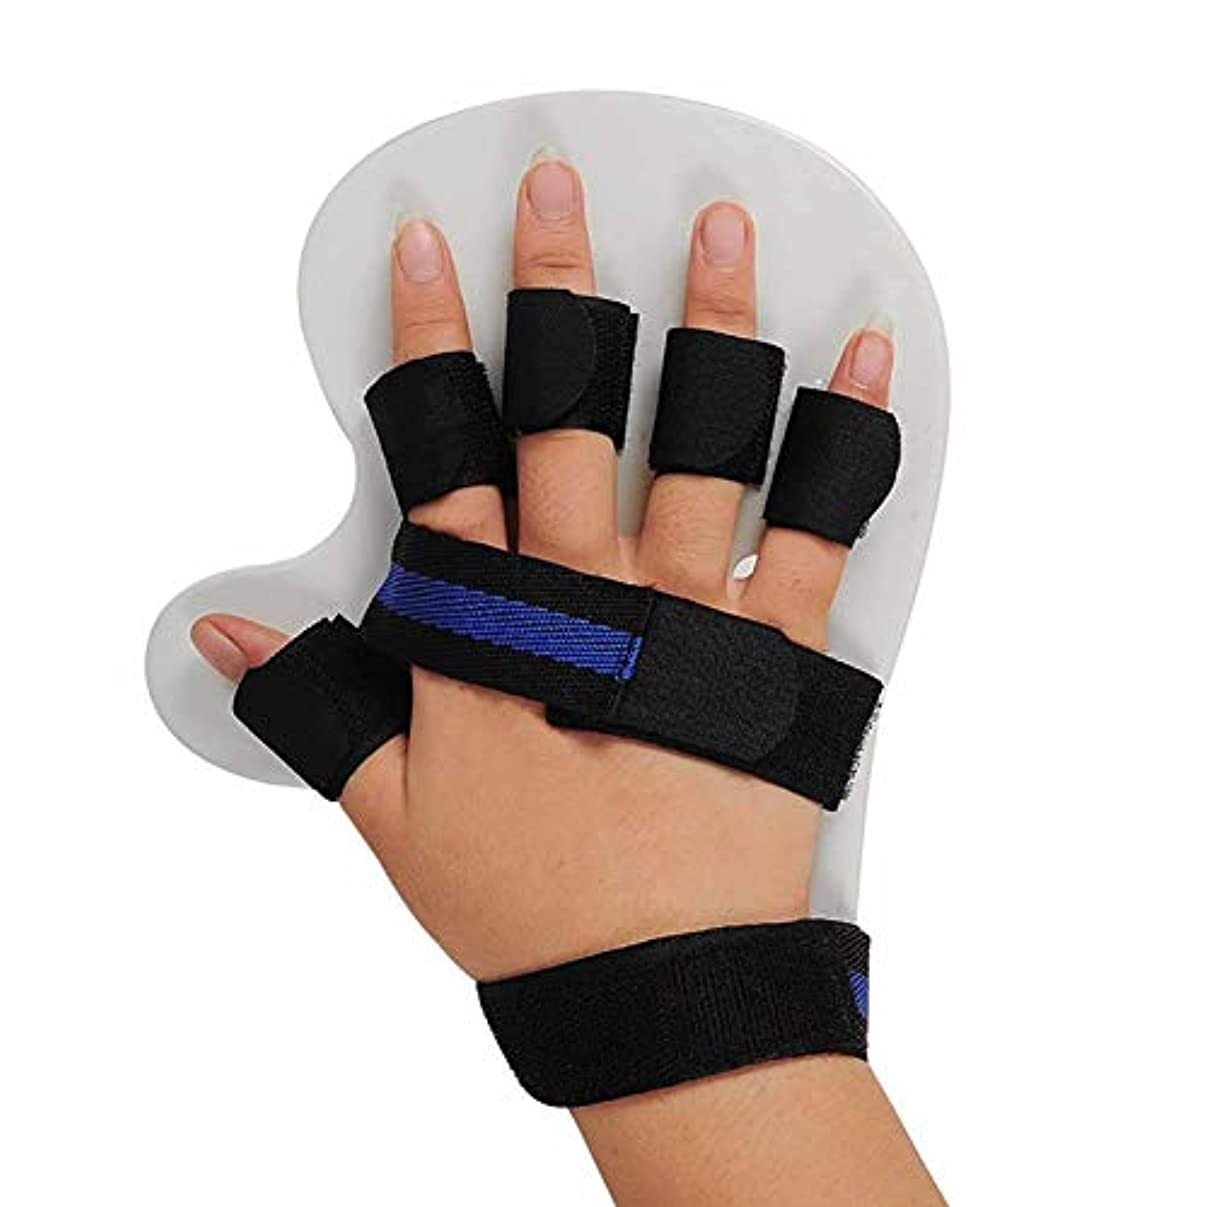 指矯正用フィンガーボード 片麻痺手首ブレーストレーニングリハビリ機器のためのハンドトレーニングボード医療機器